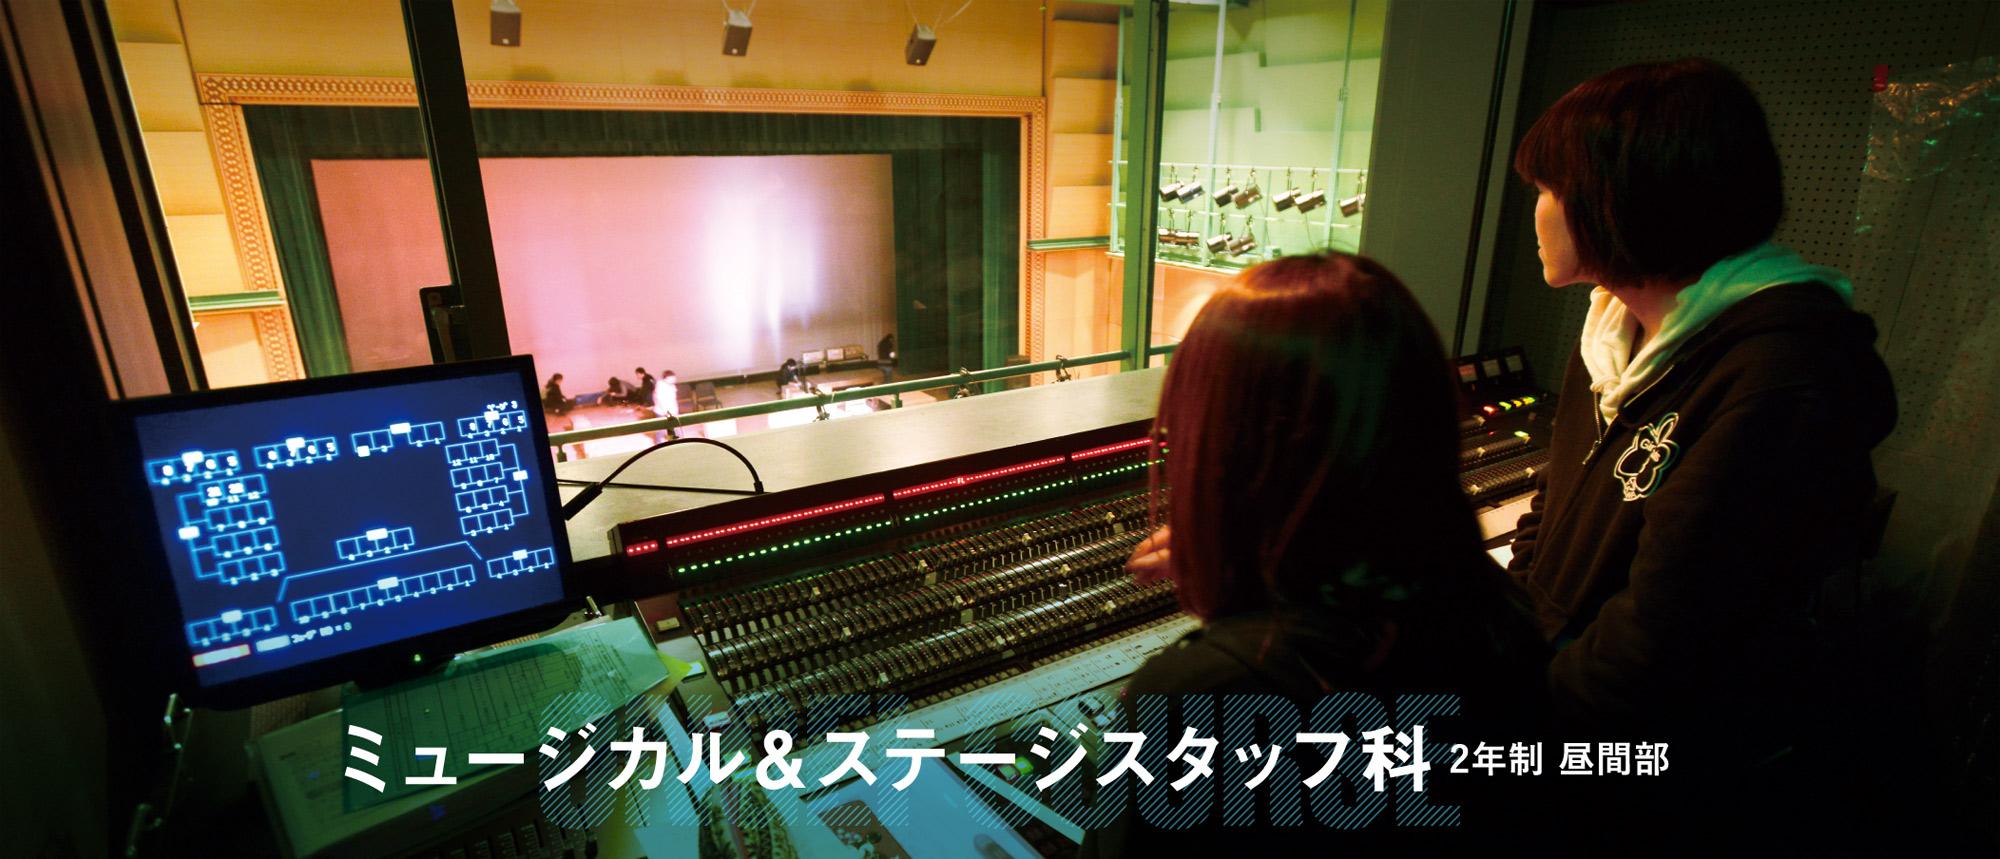 ミュージカル&ステージスタッフ科 2年制 昼間部